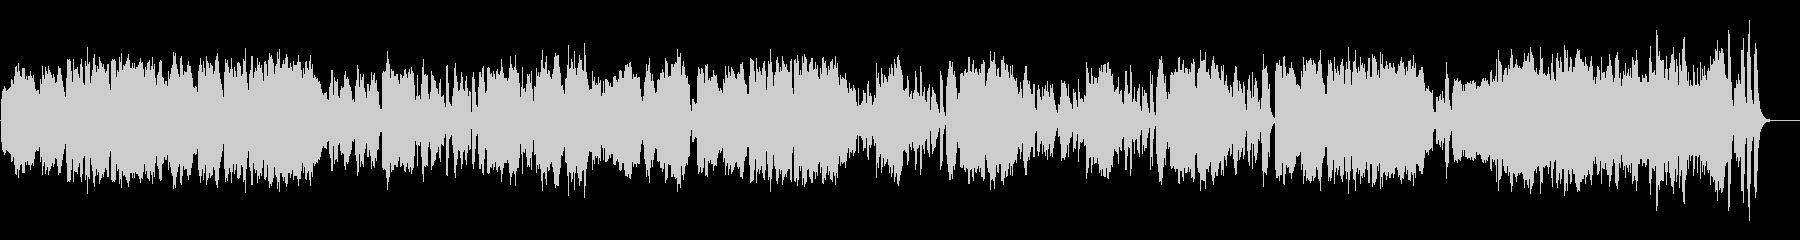 ビブラフォンと木管の明るくコミカルな曲の未再生の波形